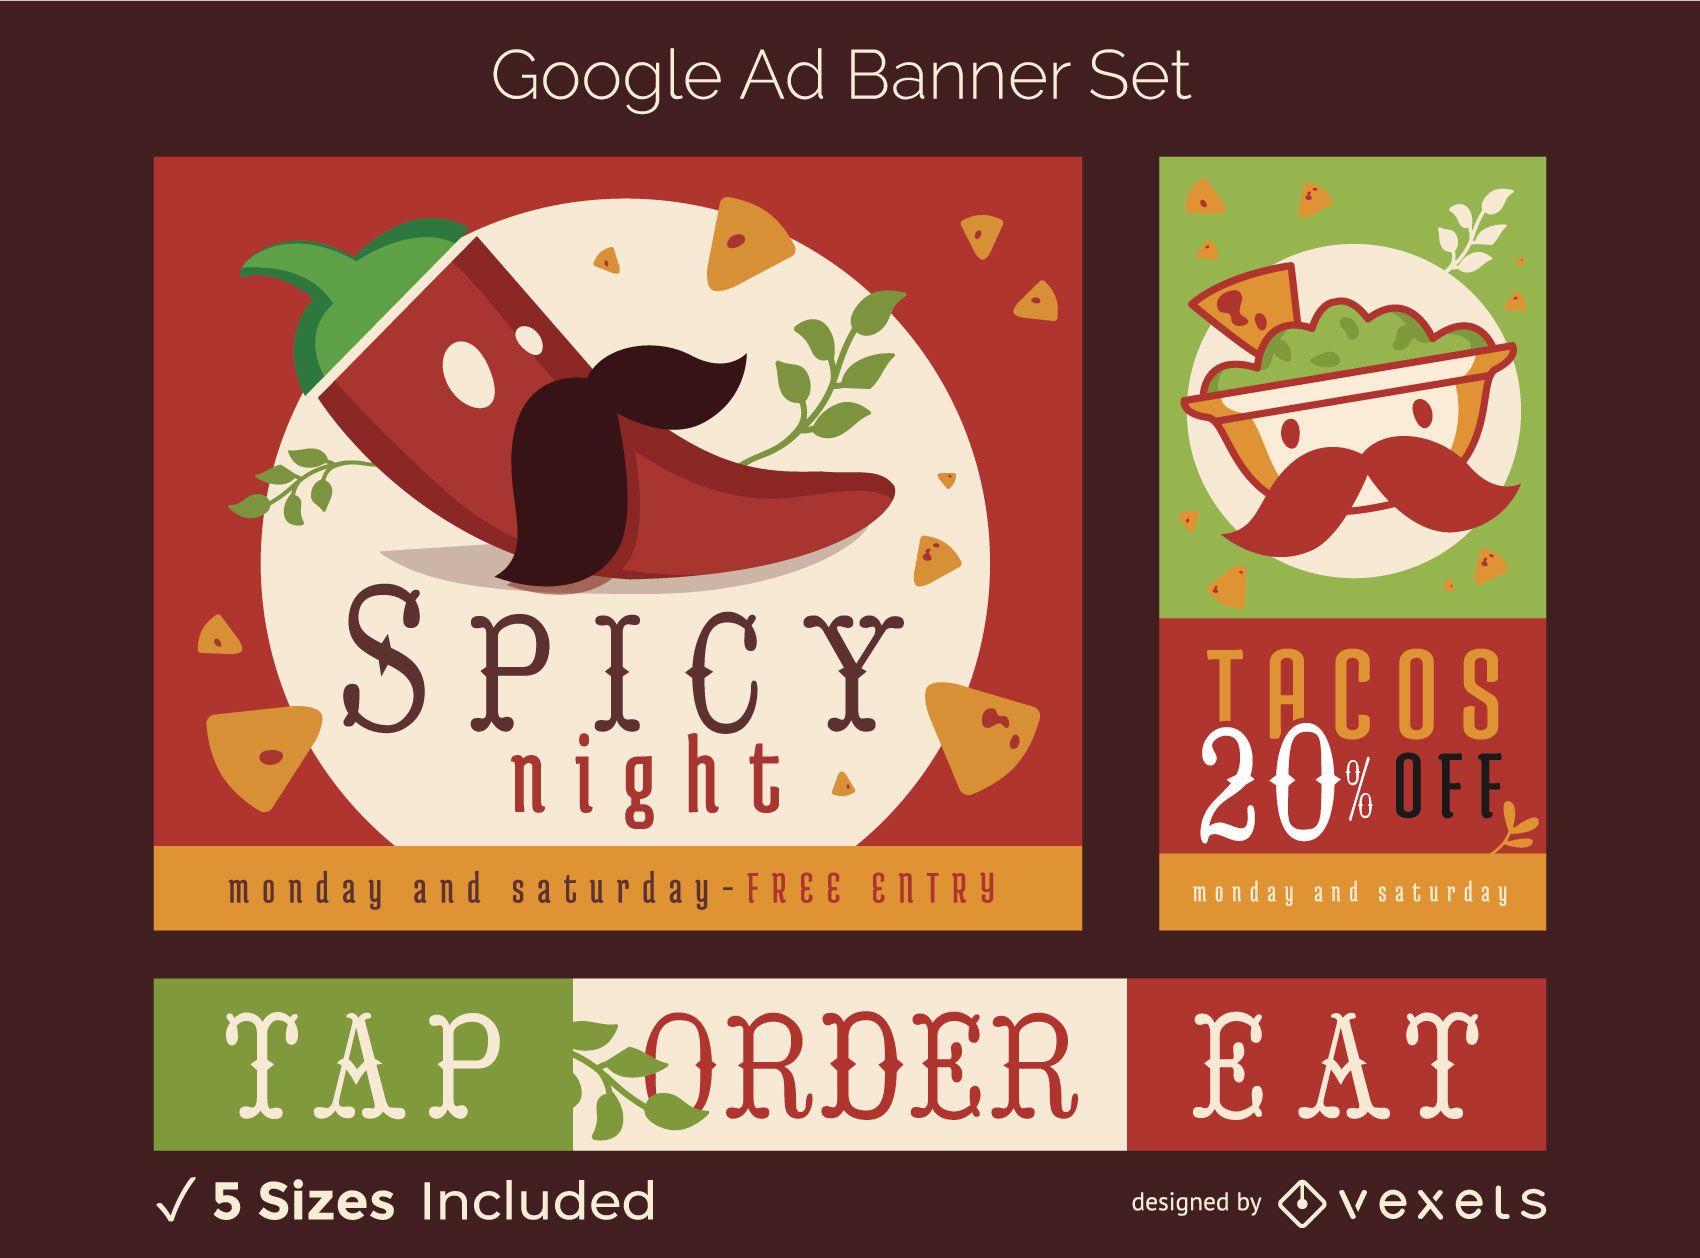 Conjunto de banners de an?ncios do Google para comida mexicana